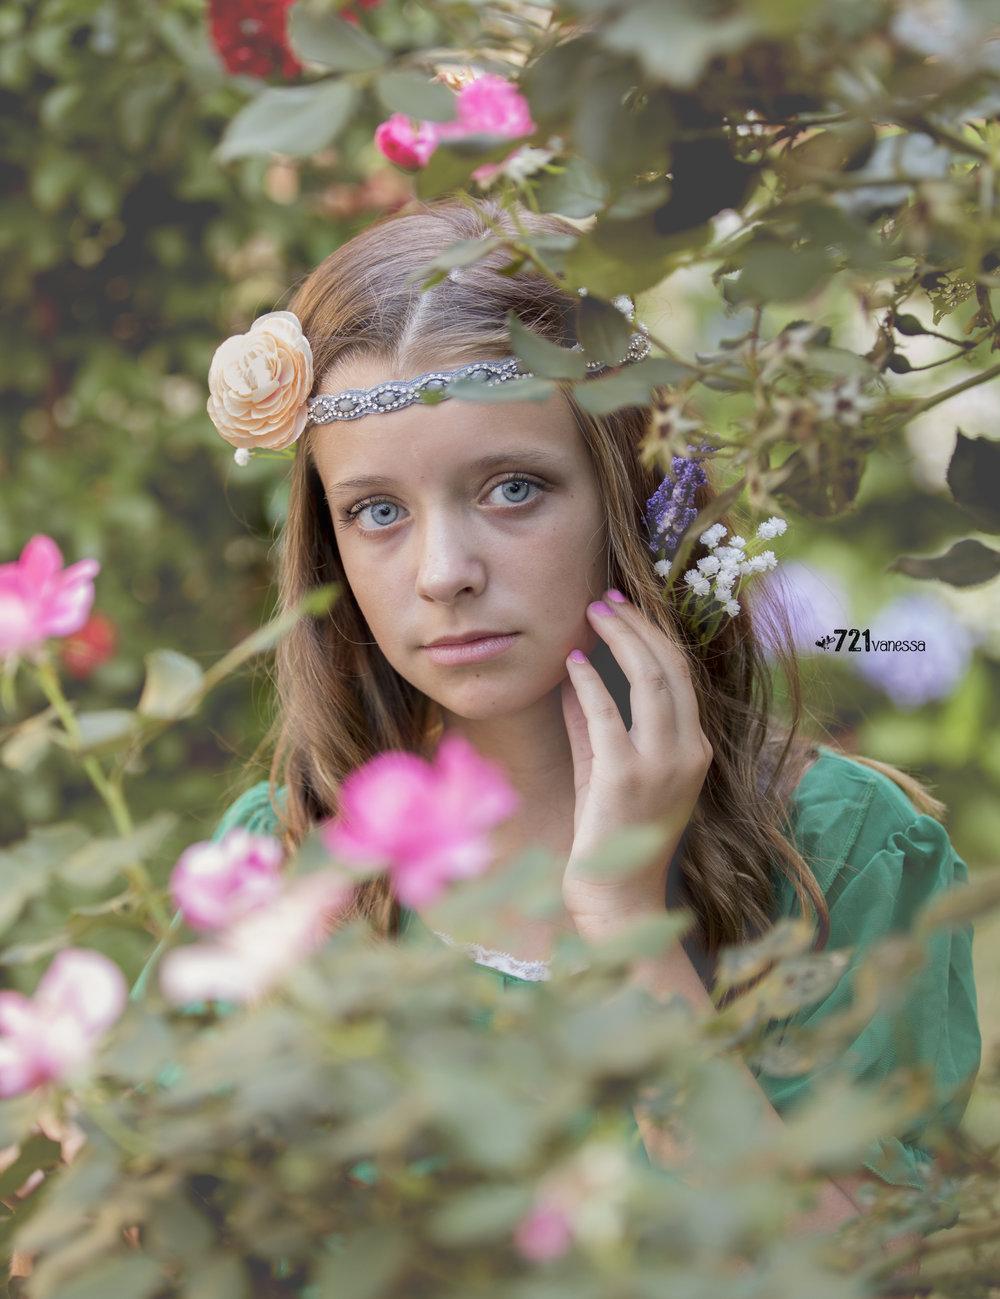 faith_flower_bush_color_wm.jpg